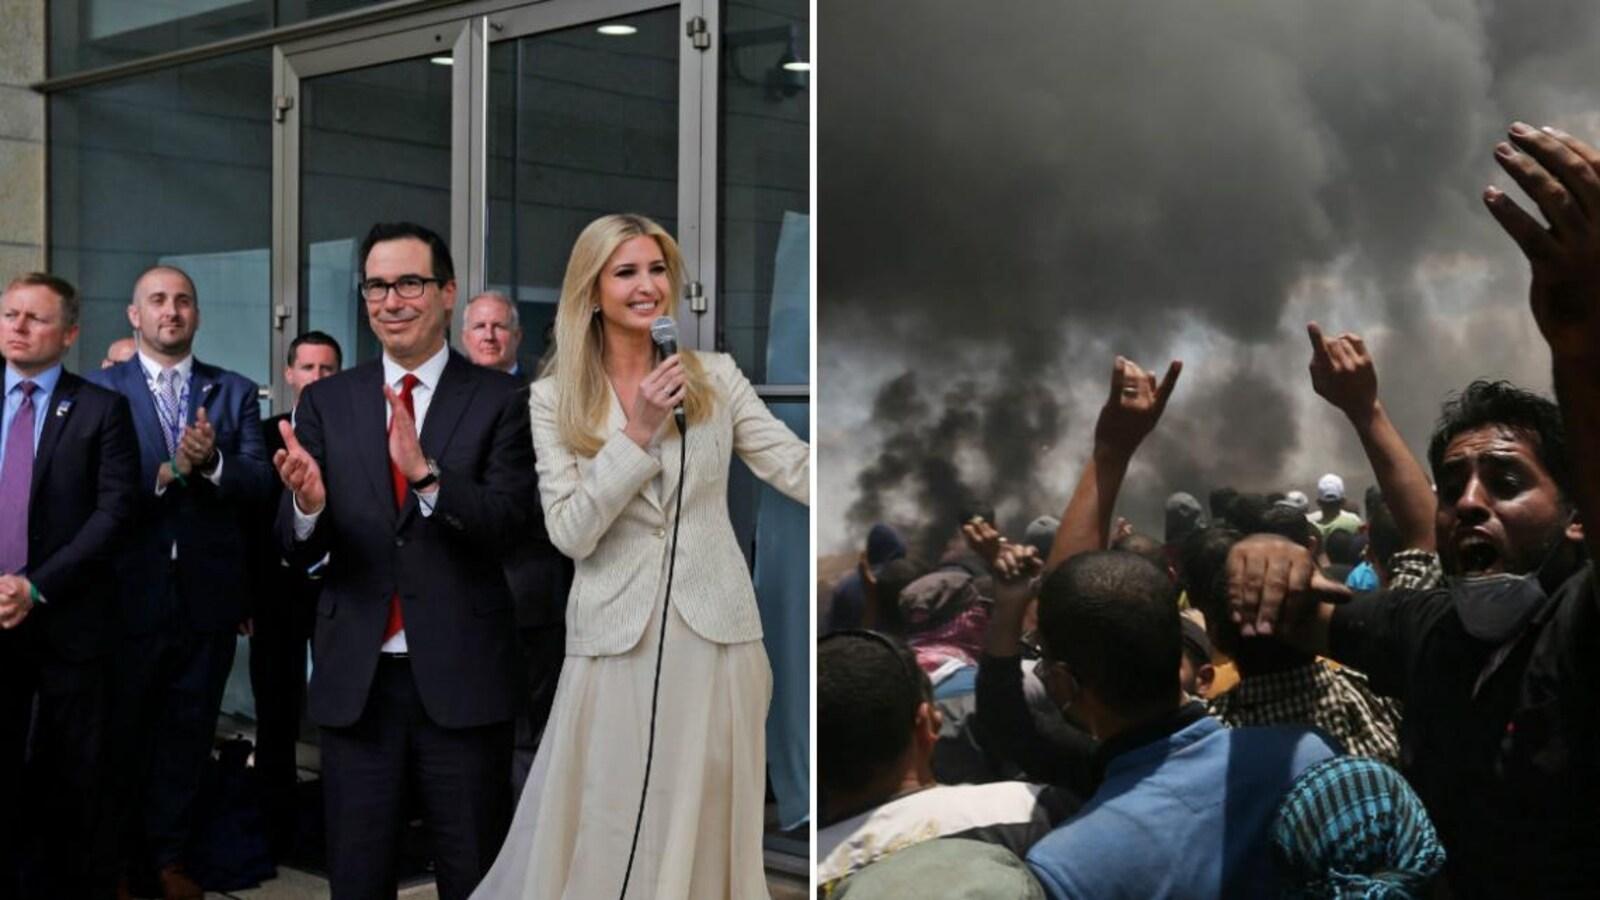 Les États-Unis inaugurent en grande pompe leur ambassade à Jérusalem le 14 mai 2018 (à gauche), pendant que des milliers de Palestiniens manifestent à la frontière entre la bande de Gaza et Israël (à droite).